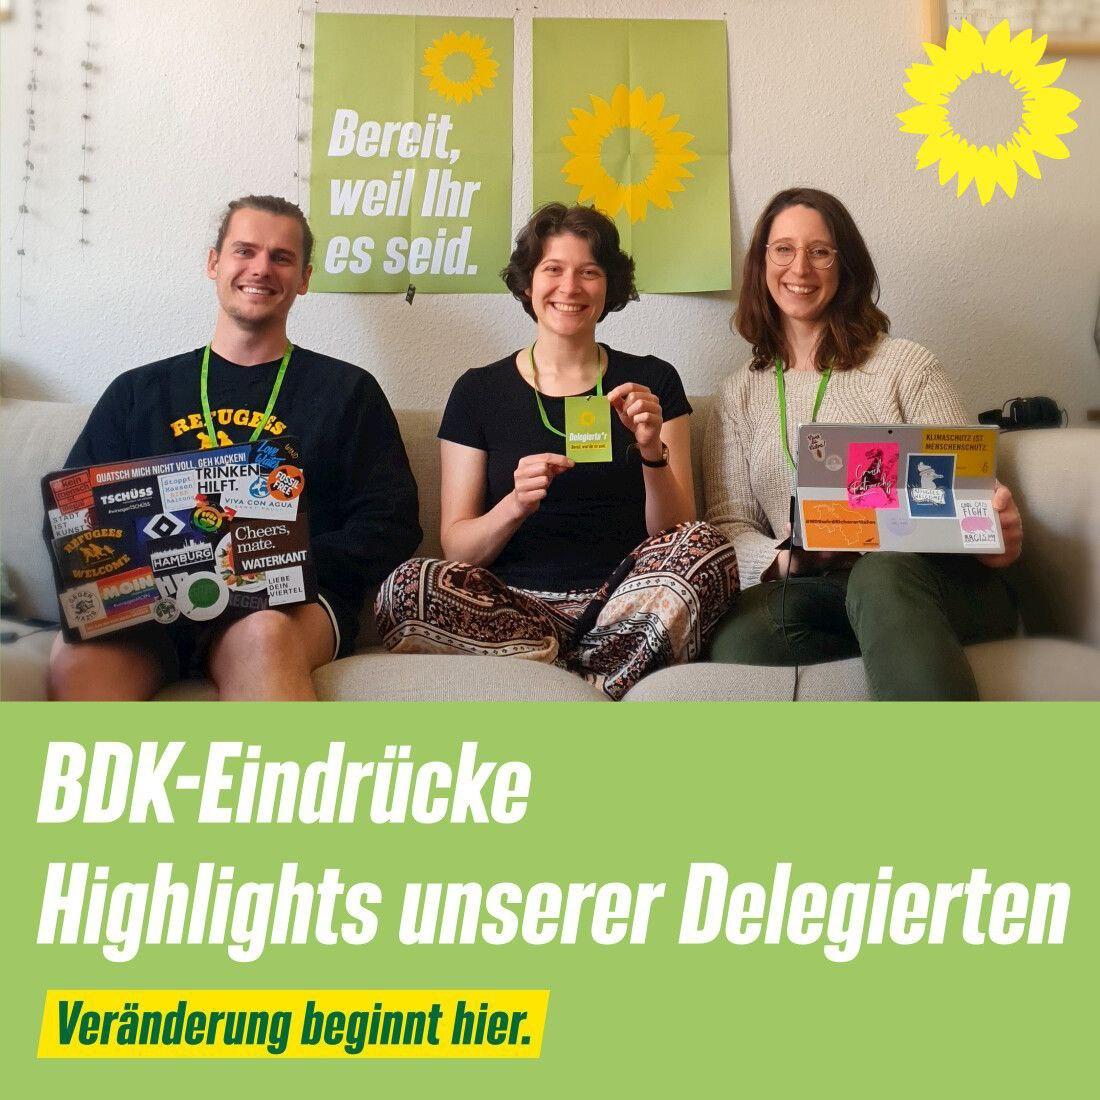 Bereit, weil Ihr es seid!                                    BDK-Bericht von unseren Delegierten